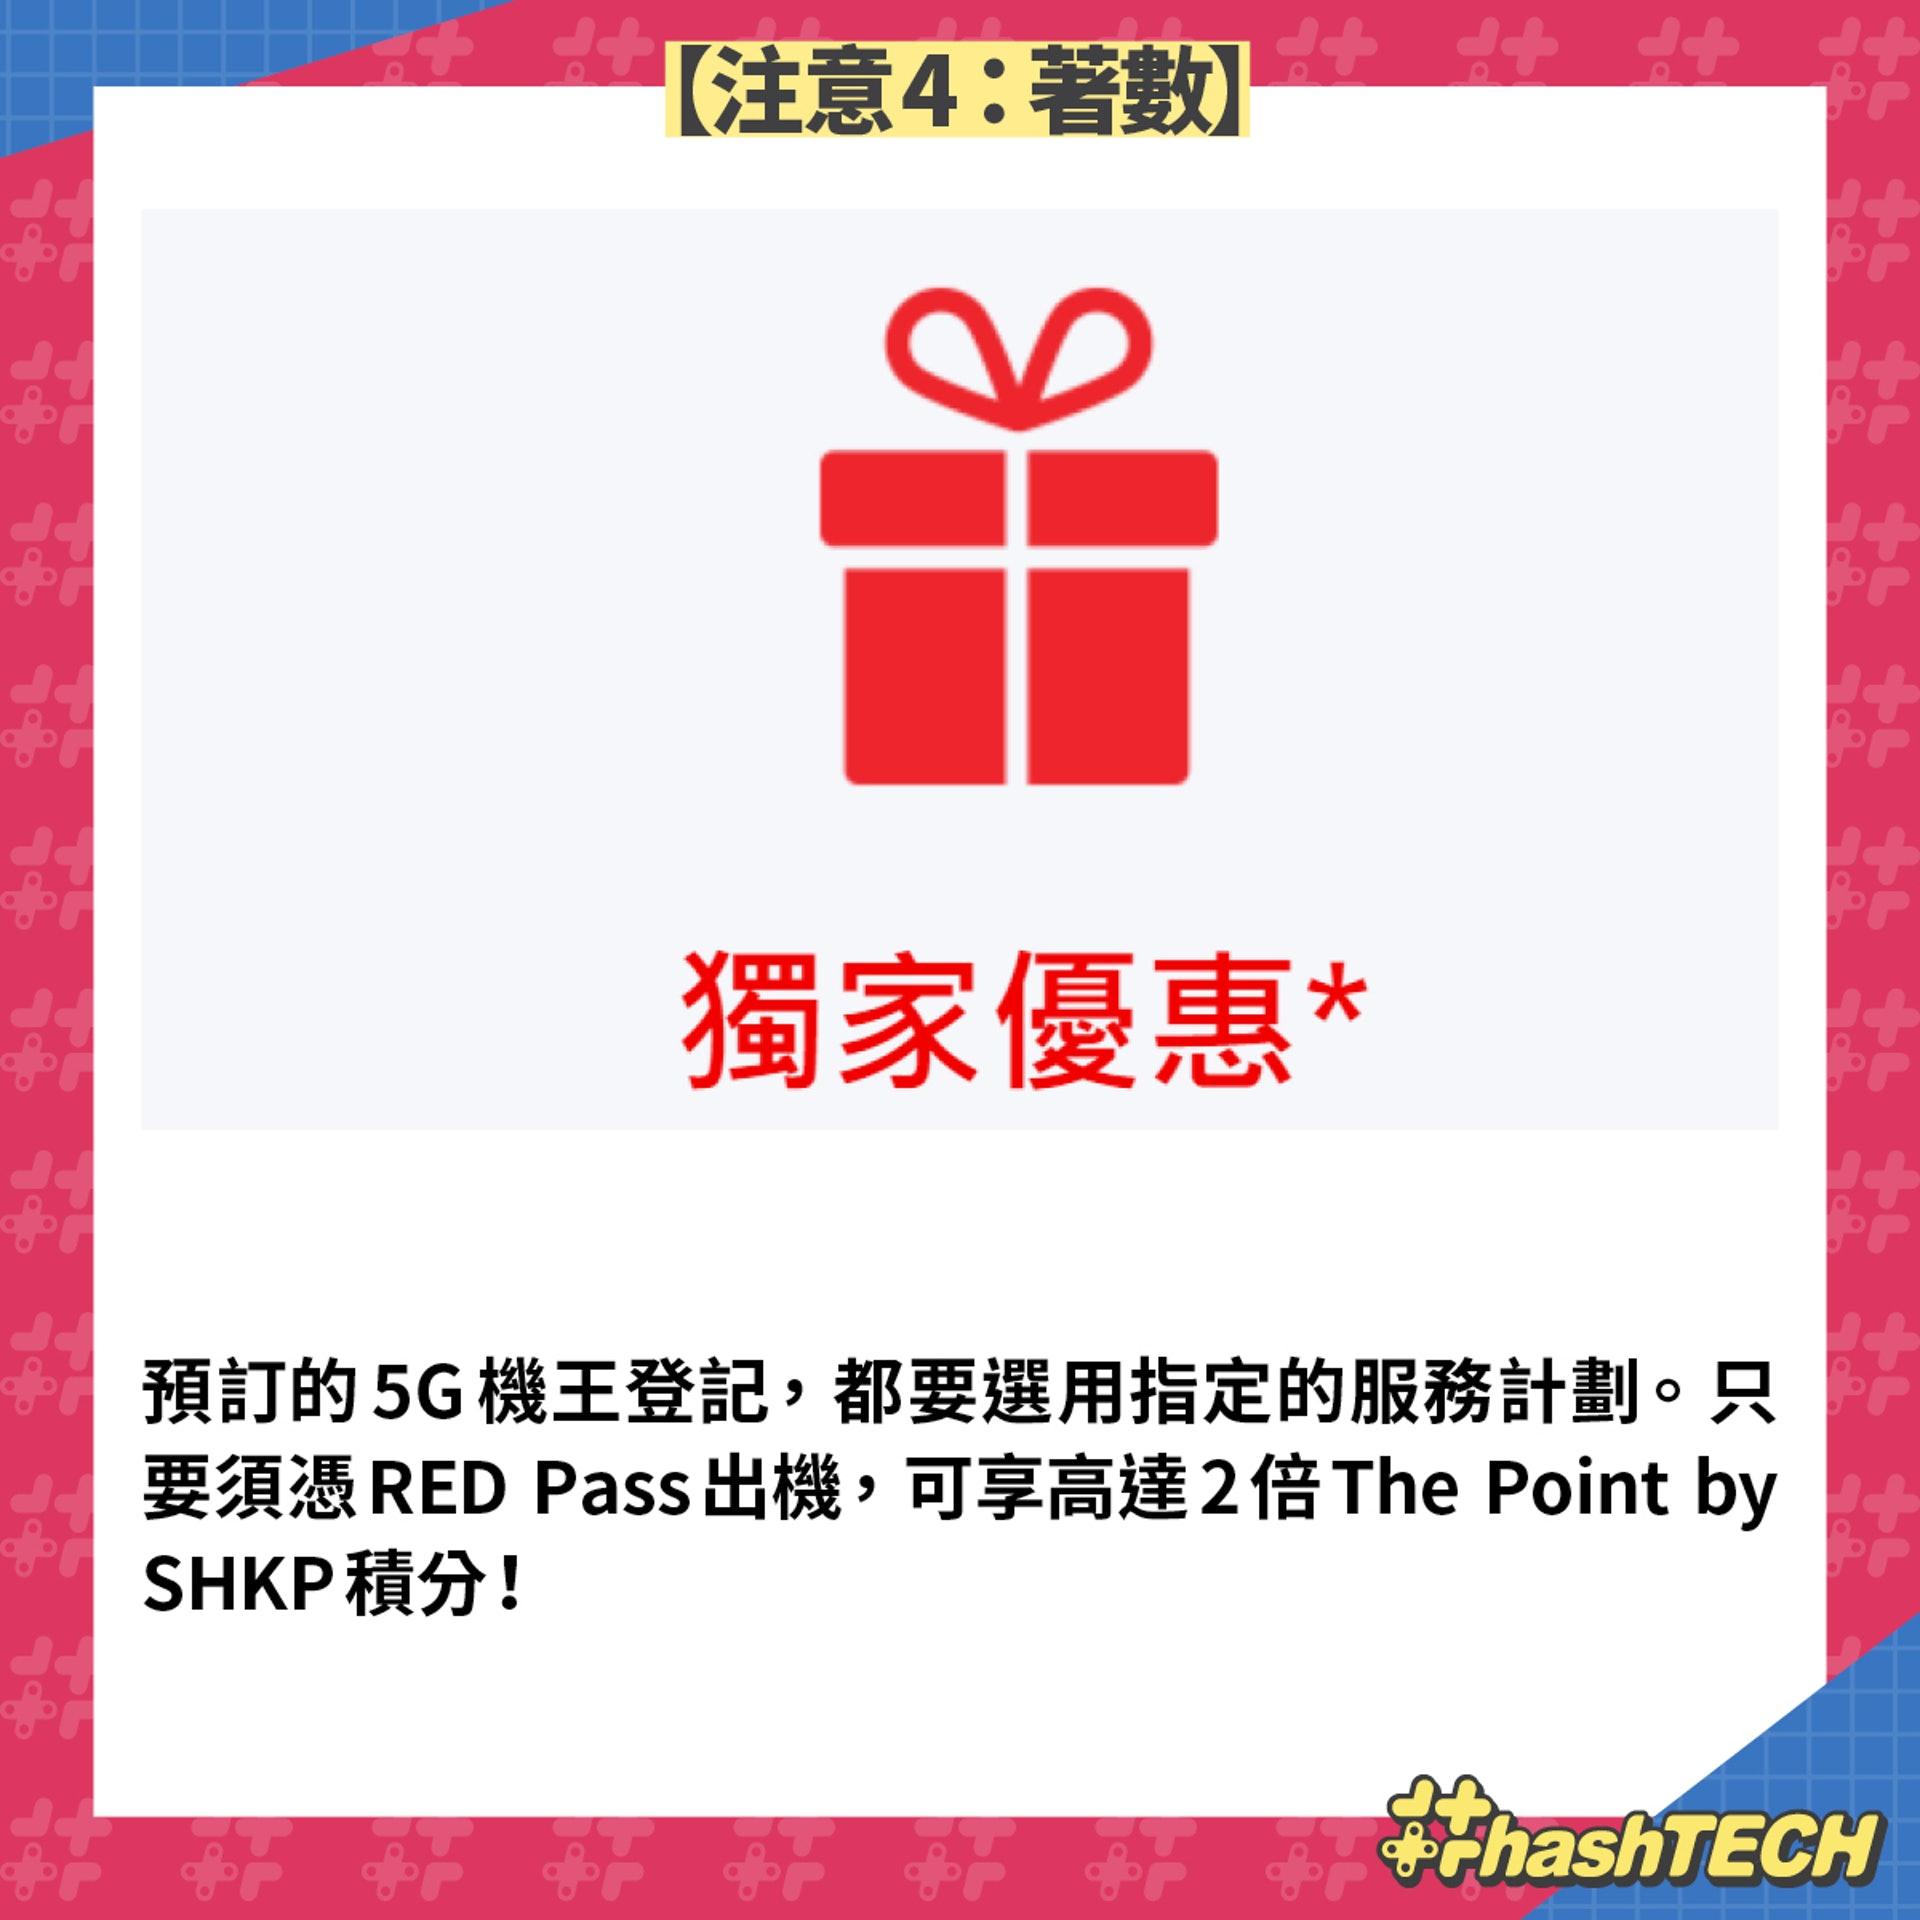 【SmarTone--RED Pass 】(《香港01》美術部製圖)